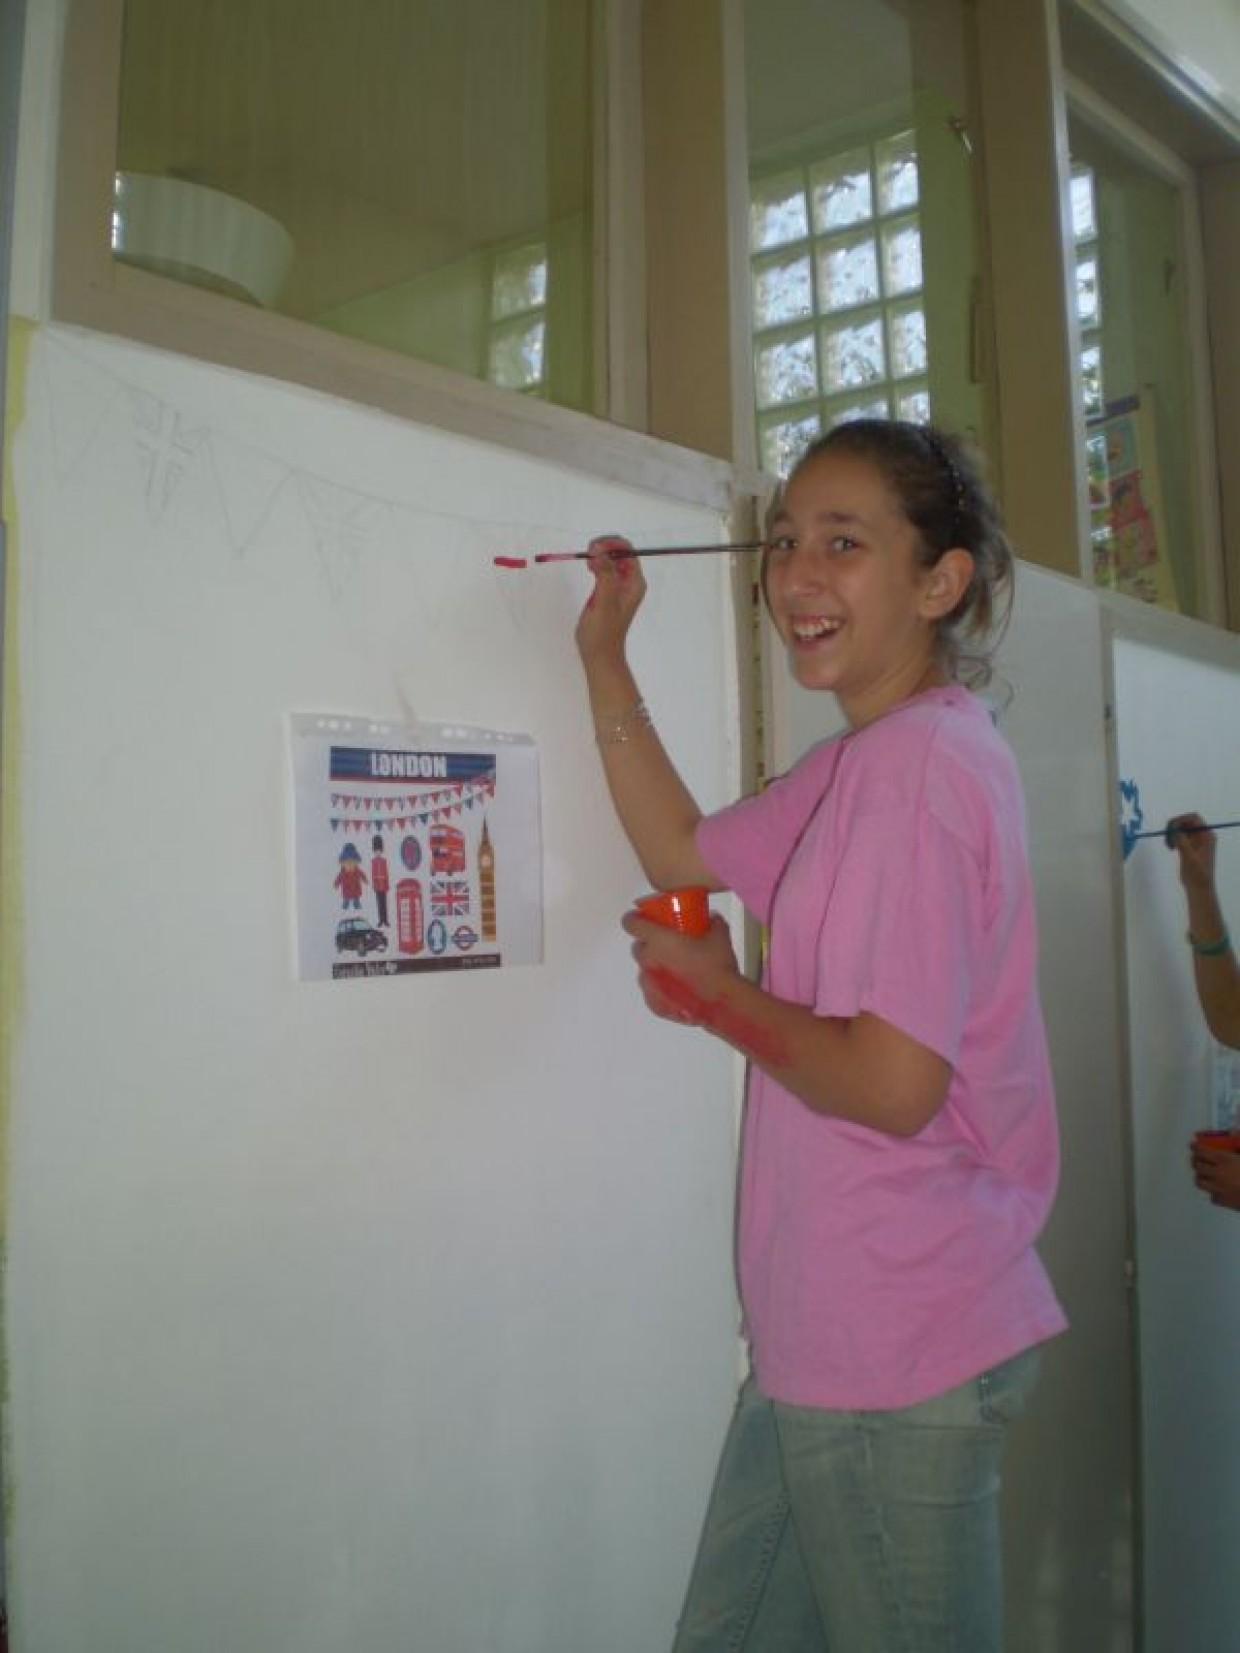 Nova aktivnost za učenike u našoj školi